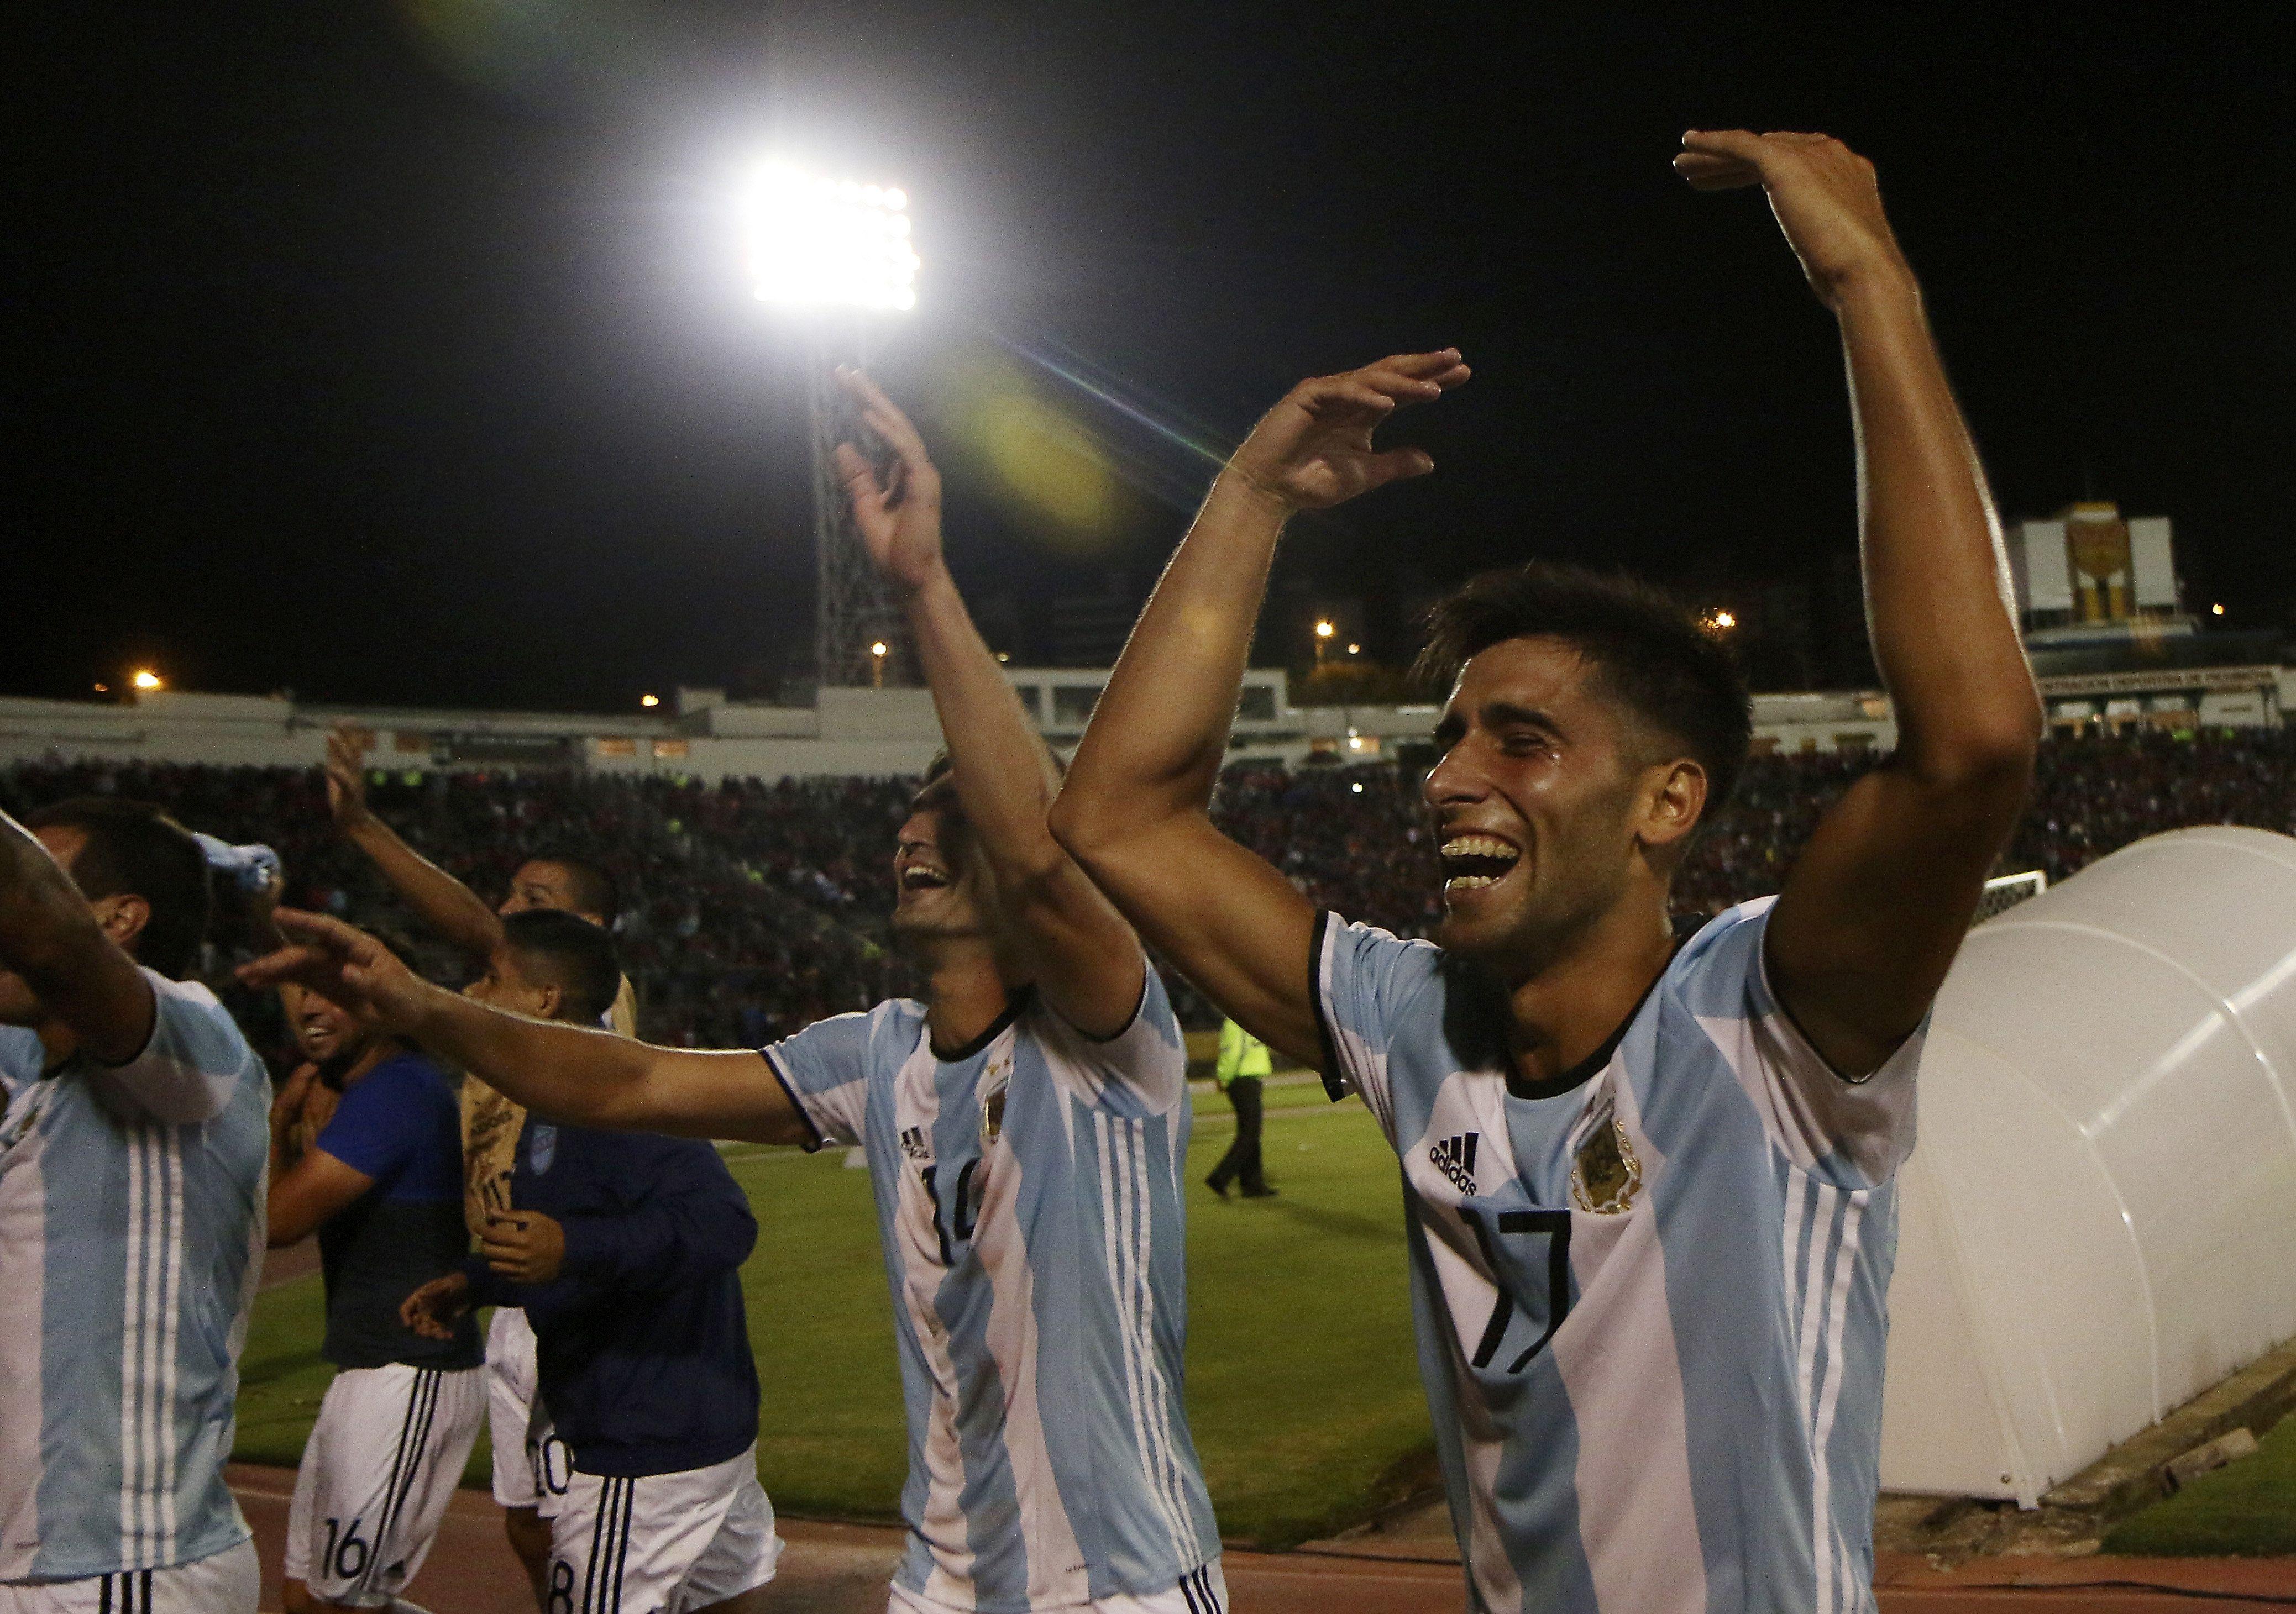 El festejo de los jugadores de Atlético Tucumán con sus hinchas